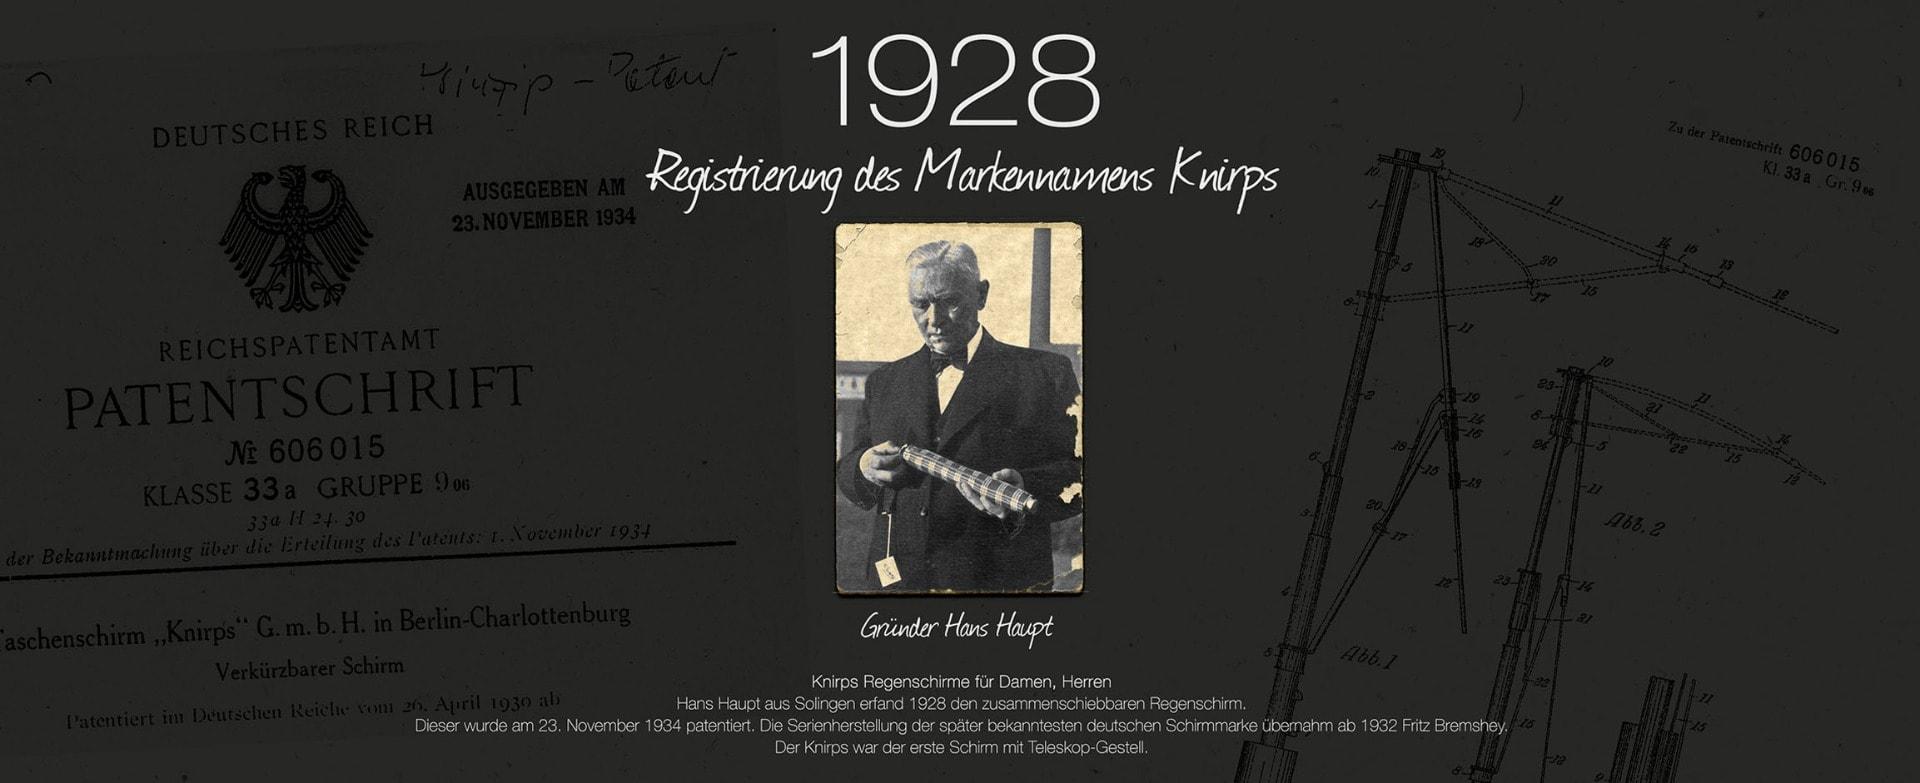 1928-Knirps-Markenregistrierung-Hans-Haupt